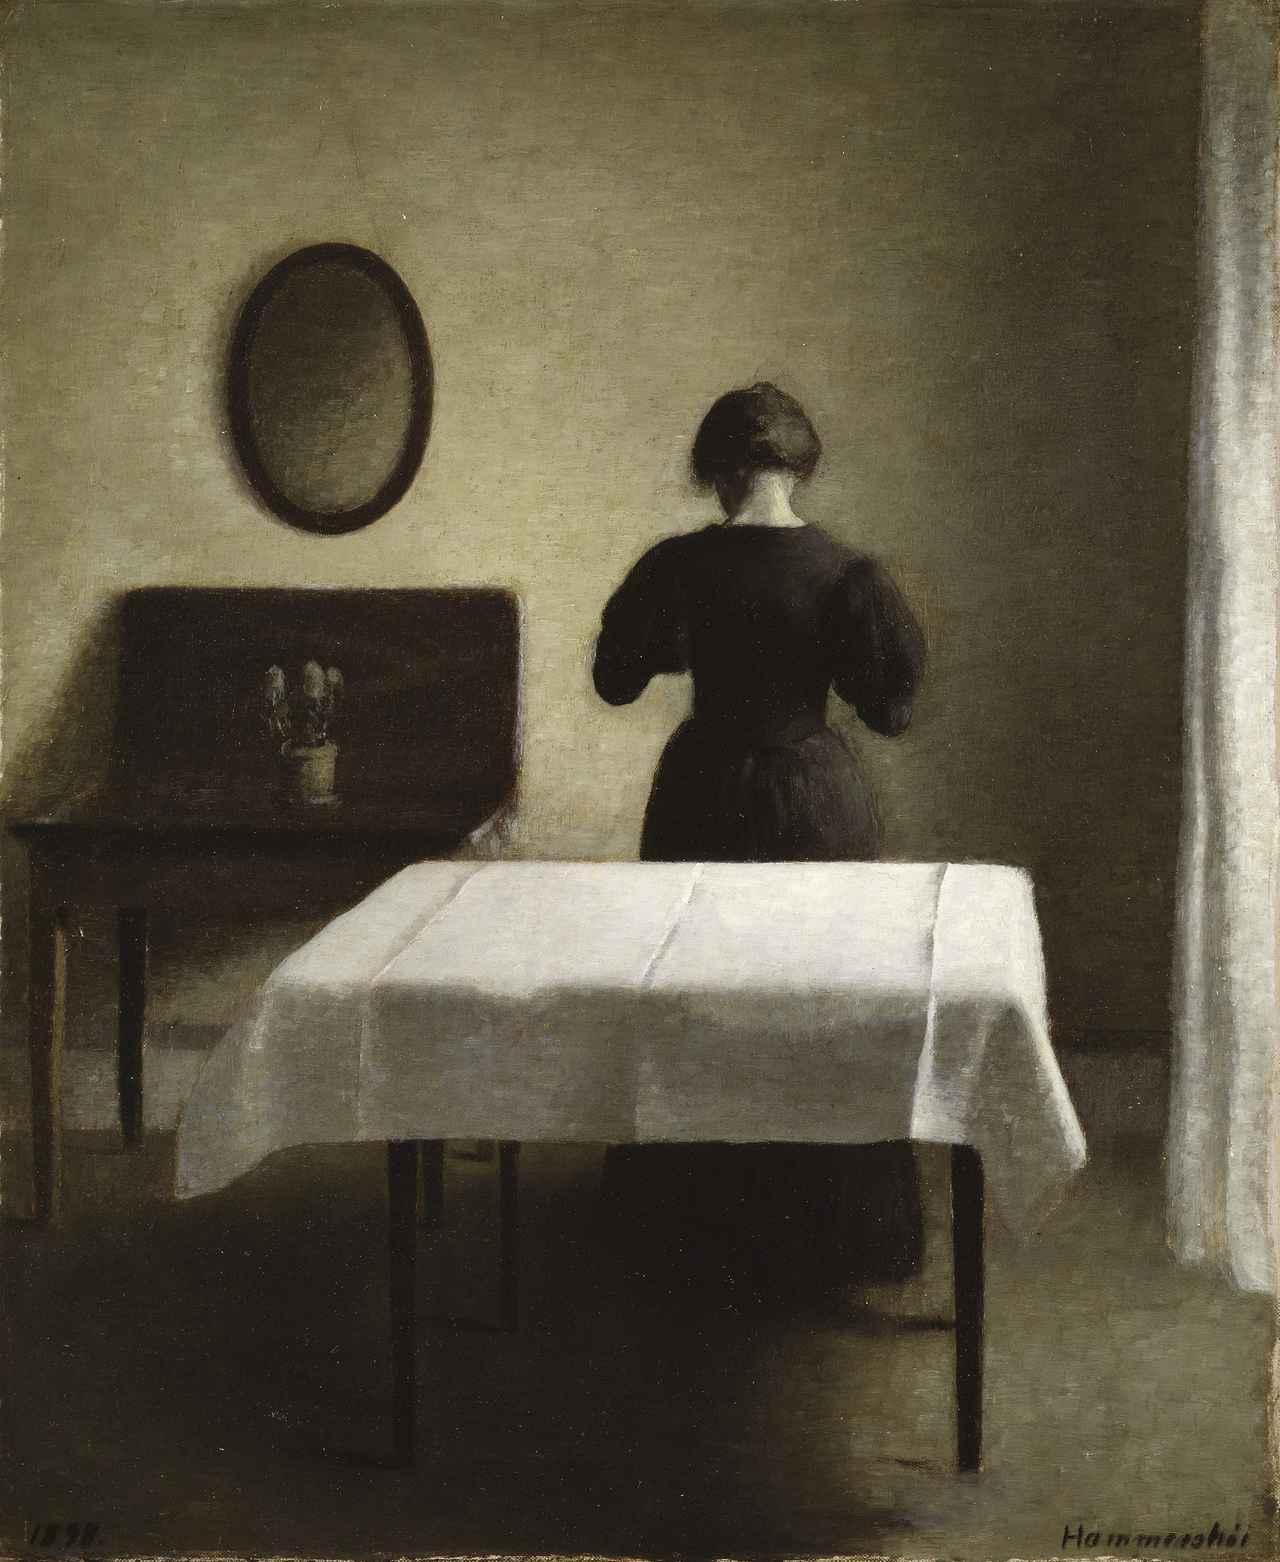 画像: ヴィルヘルム・ハマスホイ 《室内》 1898年 スウェーデン国立美術館蔵 Nationalmuseum, Stockholm / Photo: Nationalmuseum